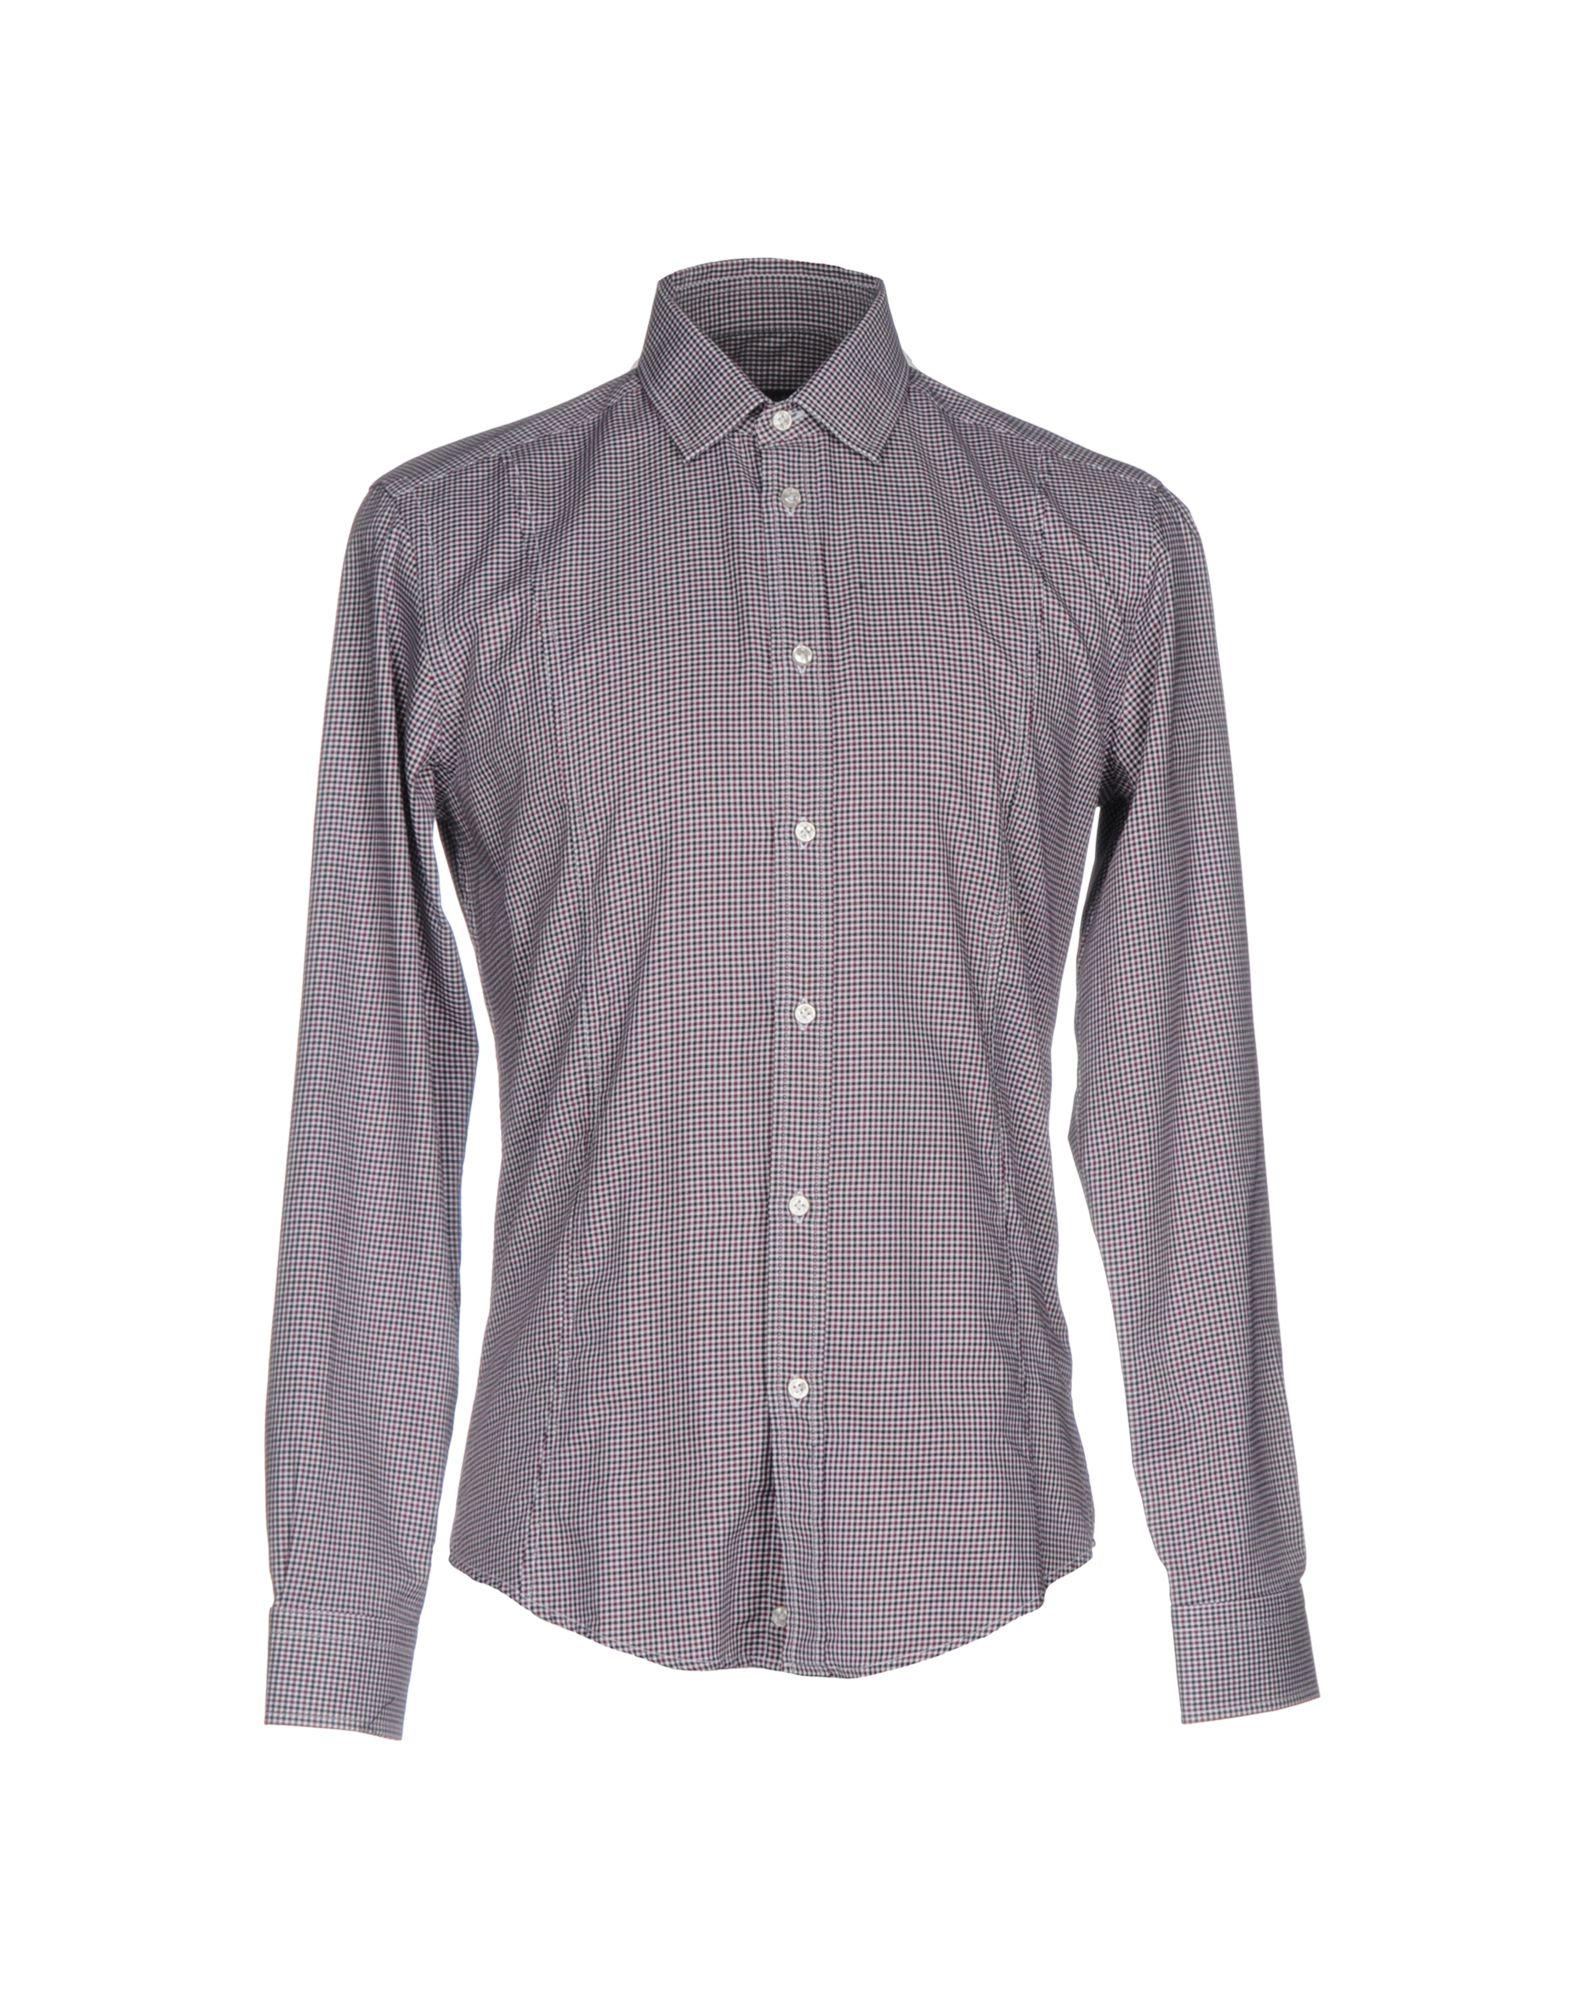 《送料無料》BRIAN DALES メンズ シャツ ボルドー 39 コットン 100%